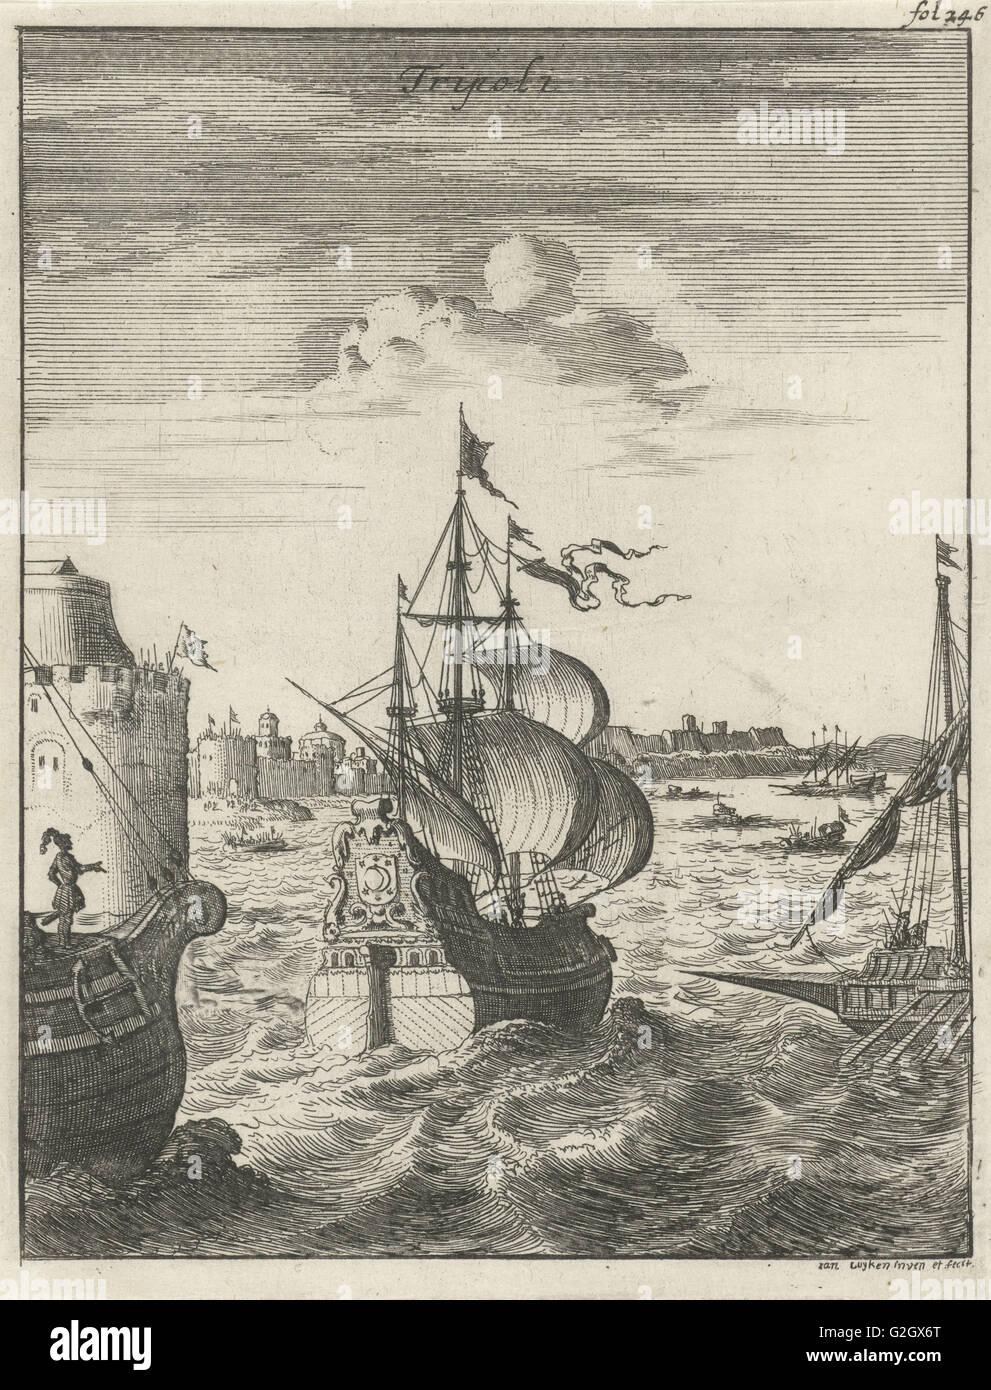 Ships sailing in Tripoli, Jan Luyken, 1684 - Stock Image